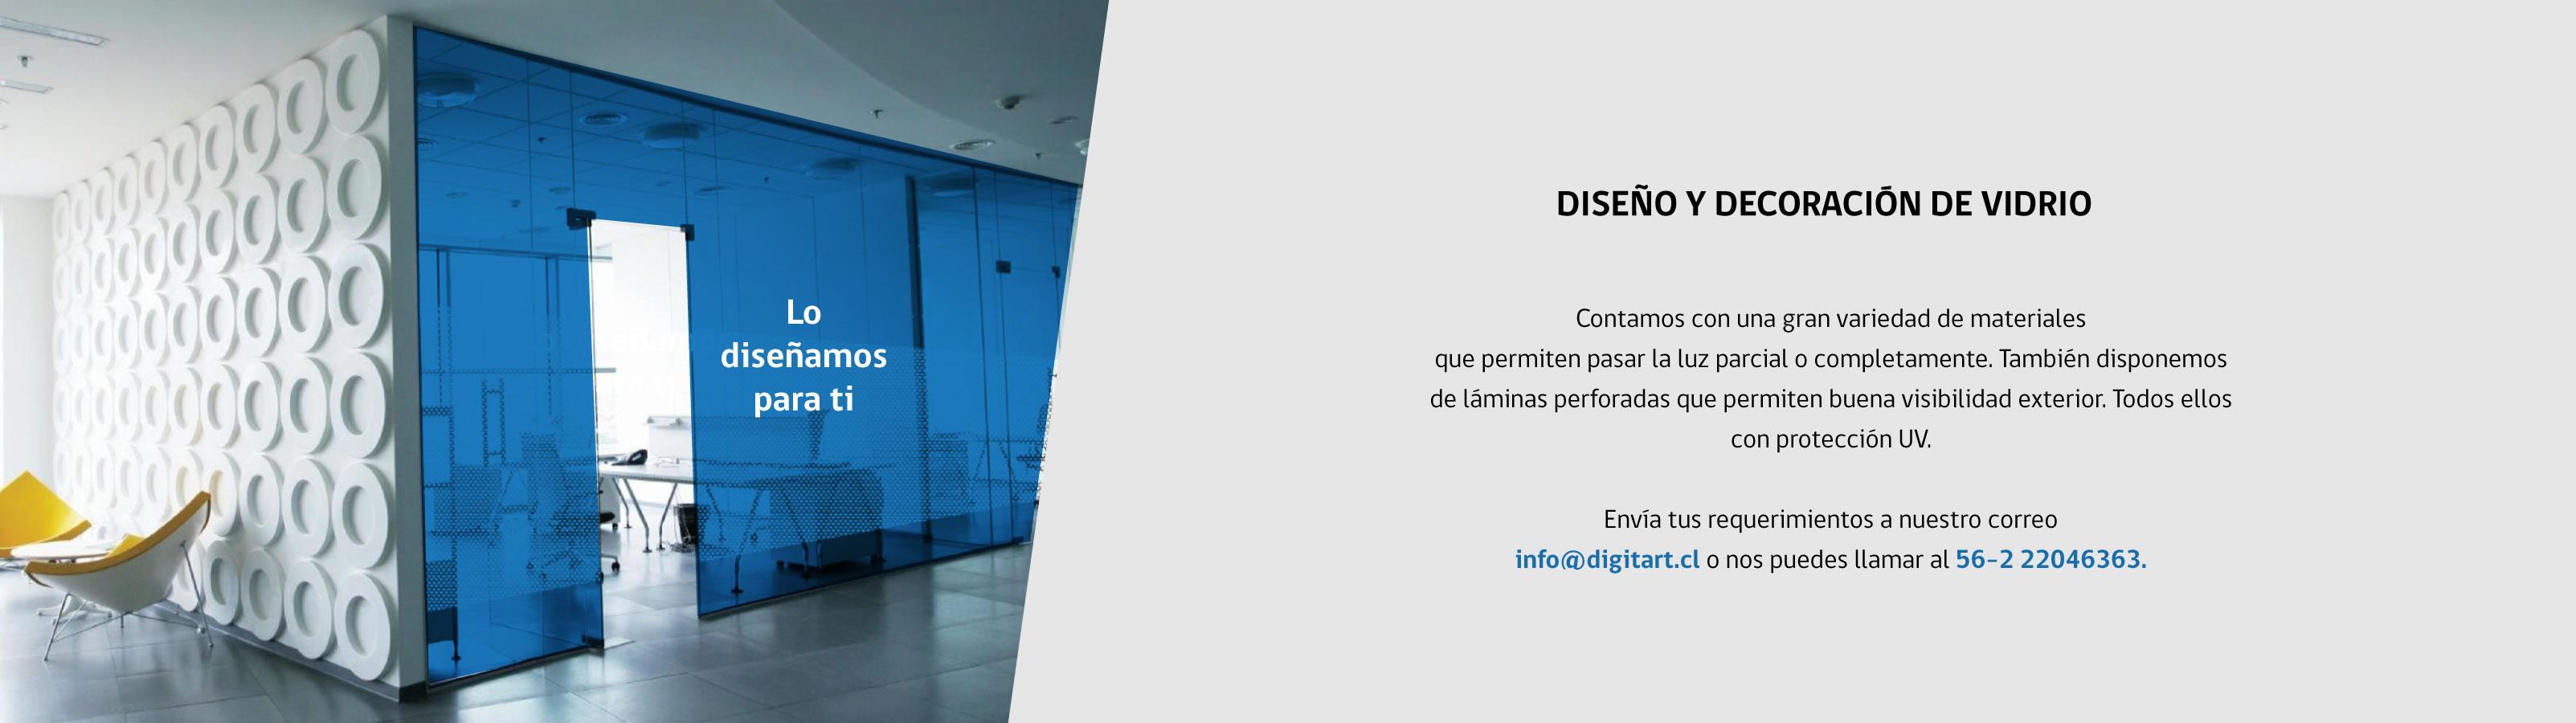 Diseño_Adhesivos_Vidrio